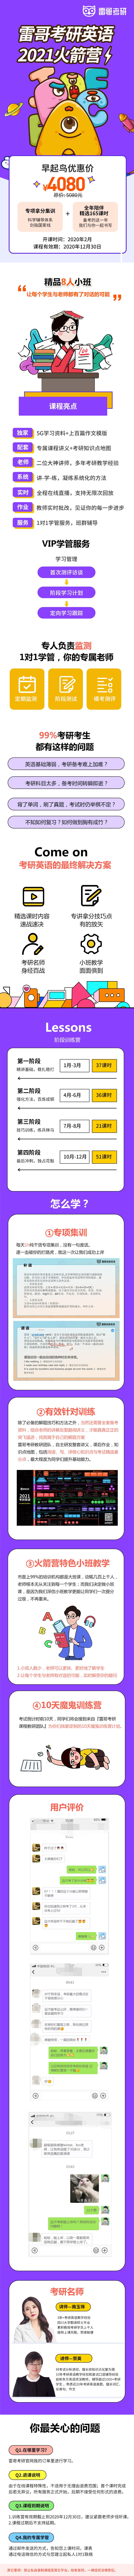 考研火箭营海报.png